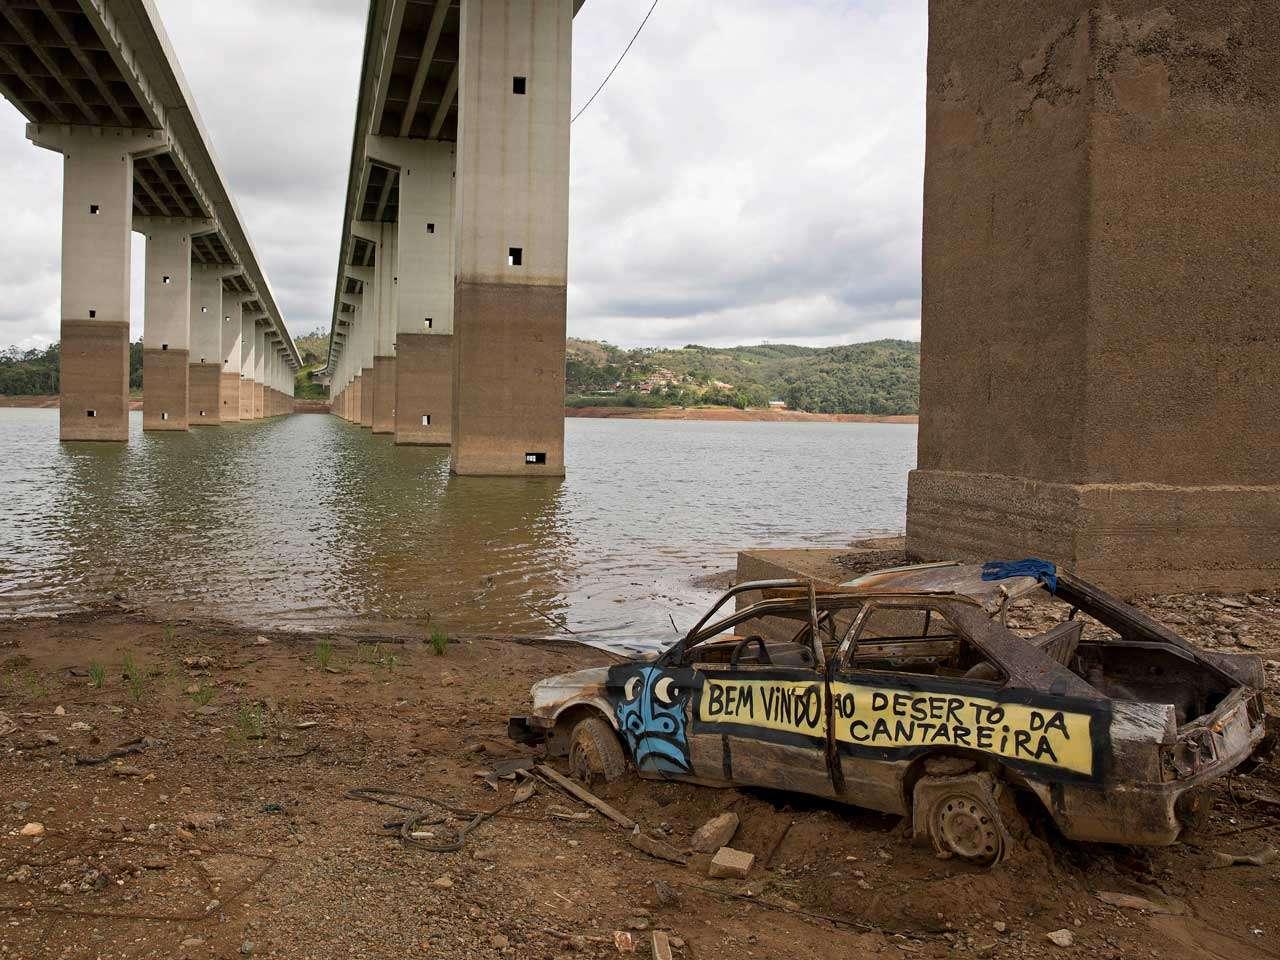 La sequía que azota Brasil ha provocado apagones y razonamientos mientras las presas se encuentran a un 17 por ciento de capacidad en el sudeste del país, 29 de enero de 2015. Foto: AP en español